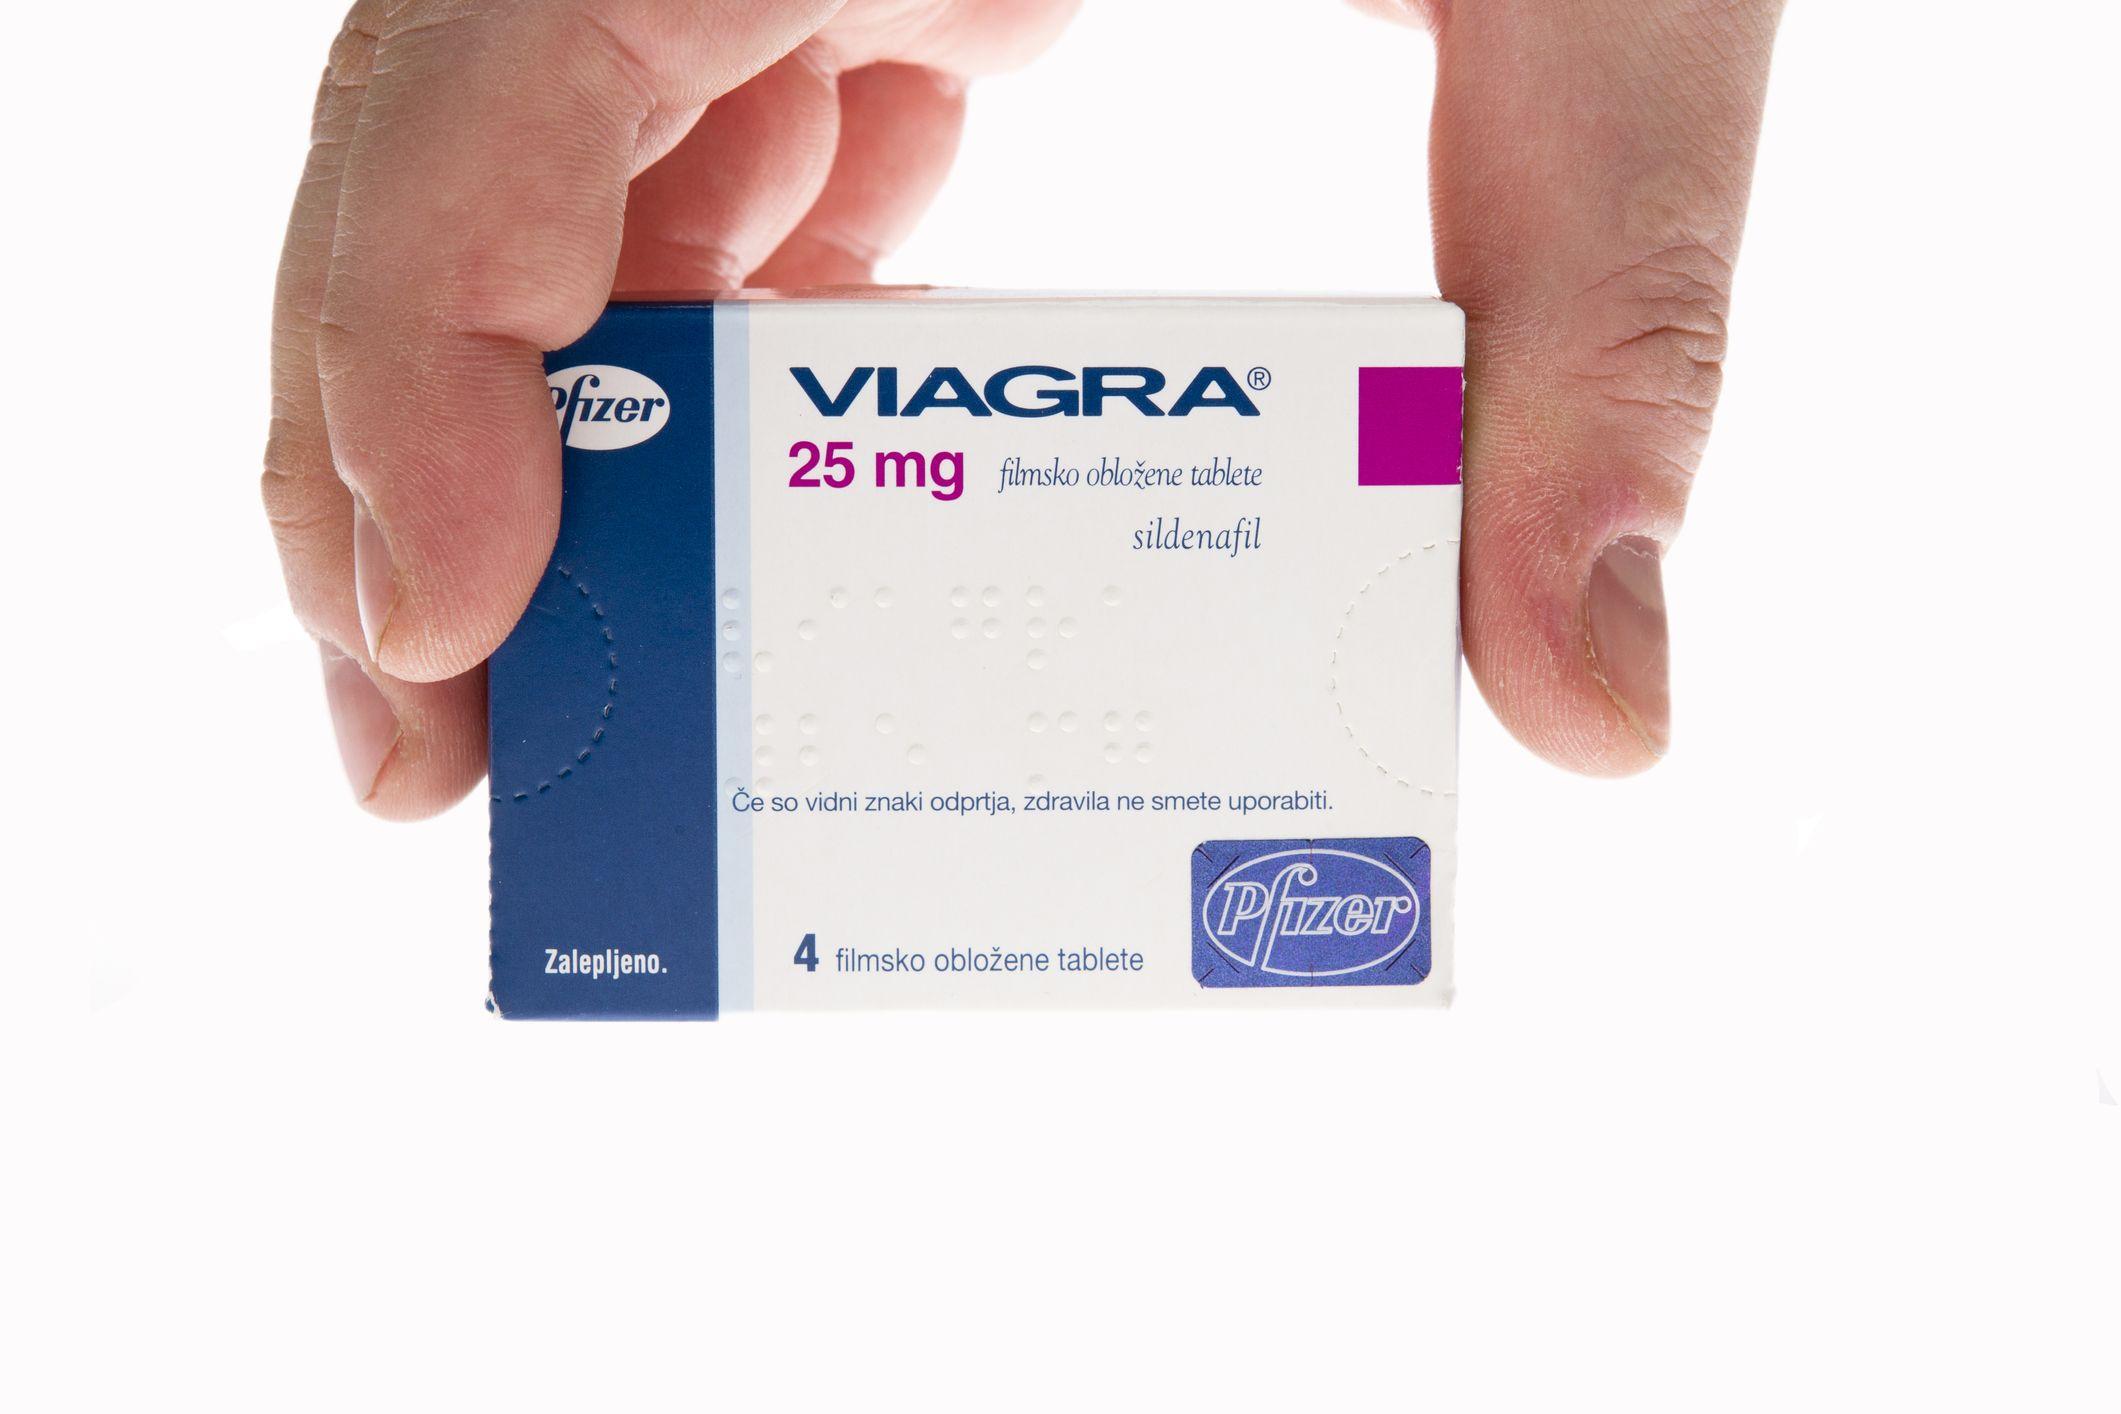 magas vérnyomás esetén Viagra-t szed mi a magas vérnyomás és hogyan kell kezelni